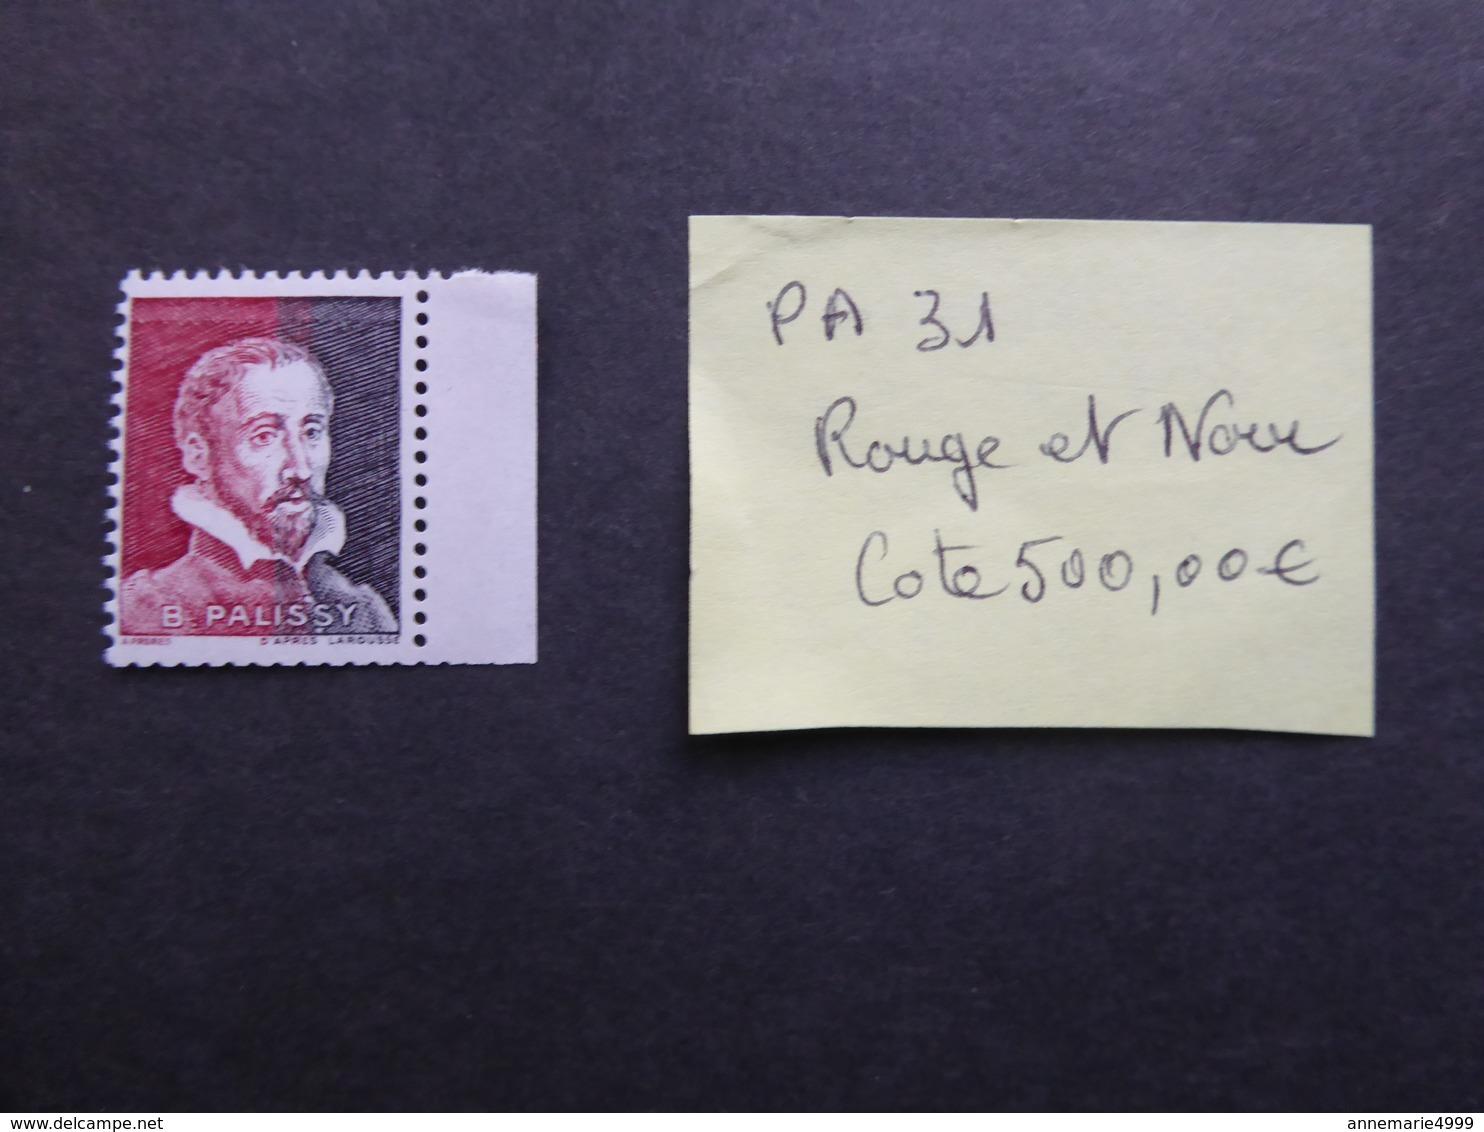 FRANCE    VIGNETTES EXPERIMENTALES   Palissy  Pa31 Rouge Et Noir Cote 500 €  Rare  Voir Scan - France